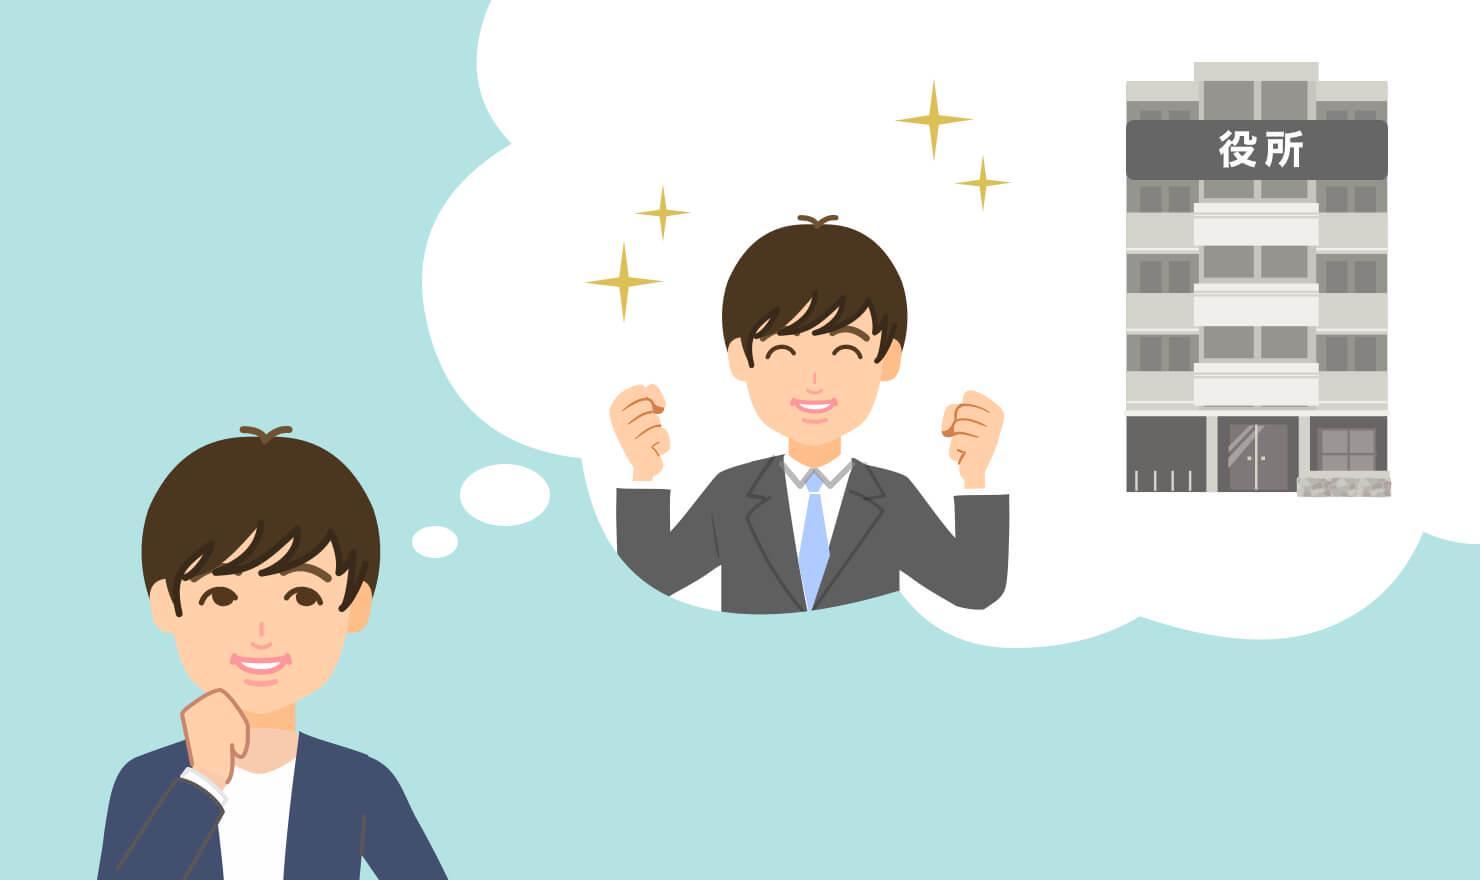 公務員に転職するなら!知っておきたい基礎知識を徹底解説! | JOBSHIL